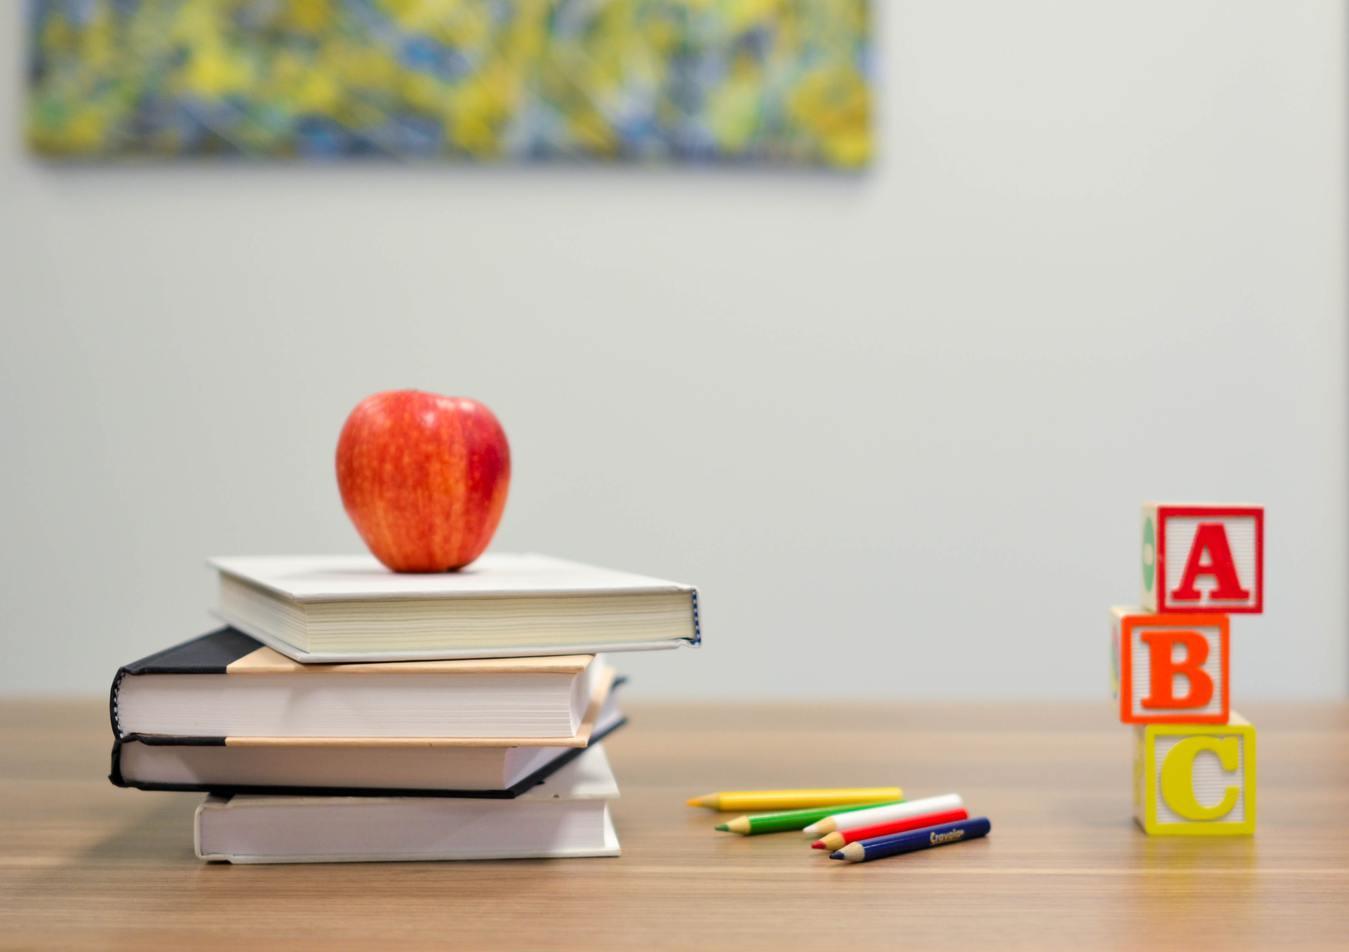 Книги, ручки, яблоко и abc блоки на столе